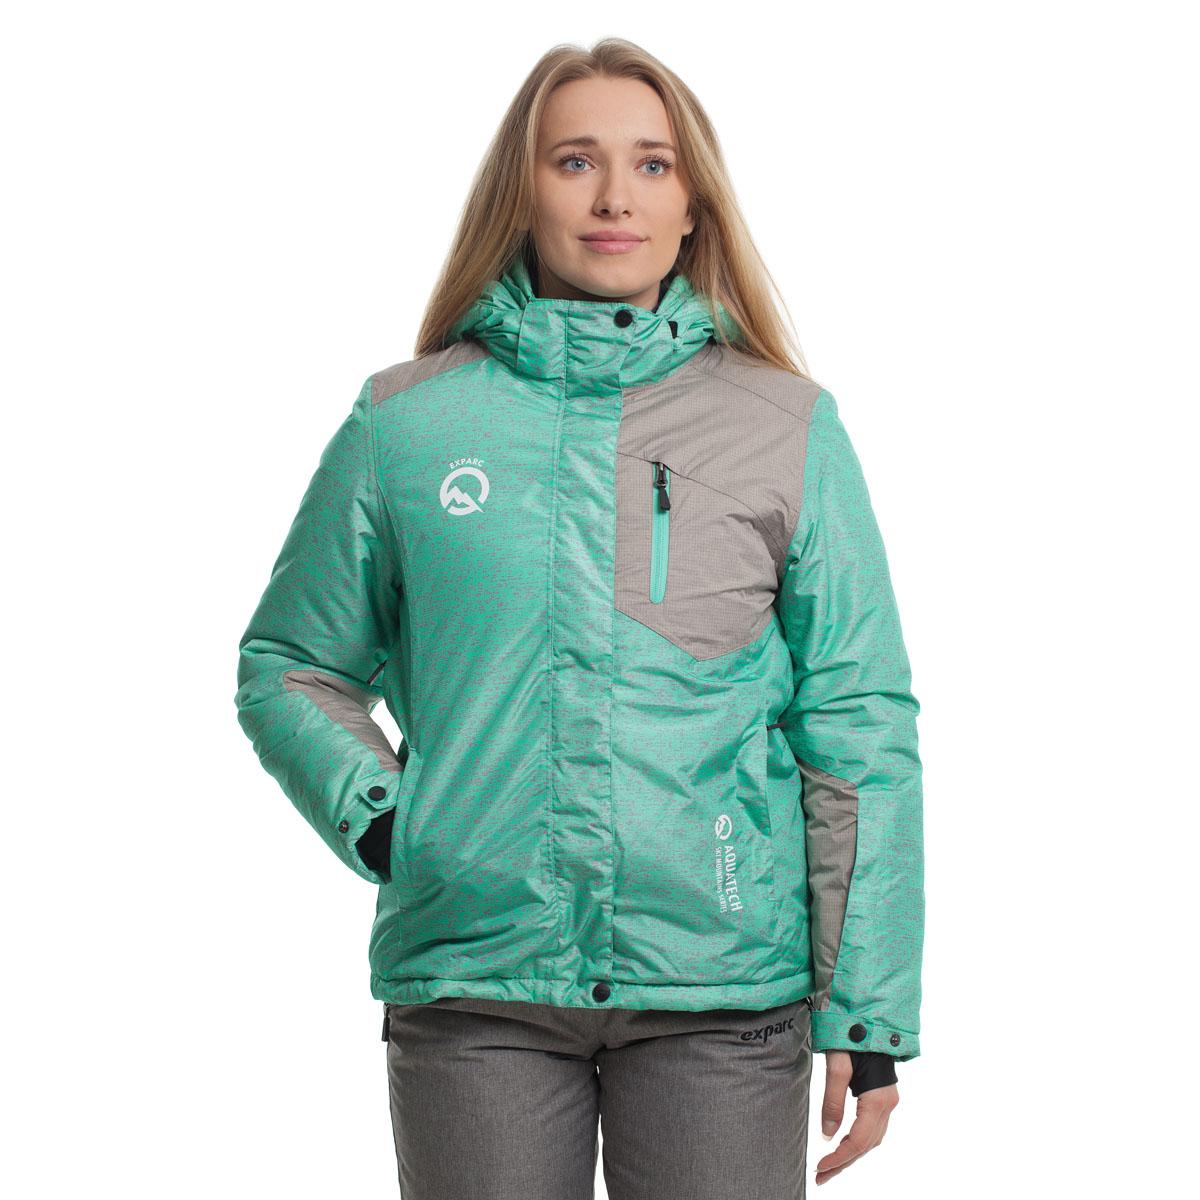 Куртка горнолыжная Exparc, DH21265